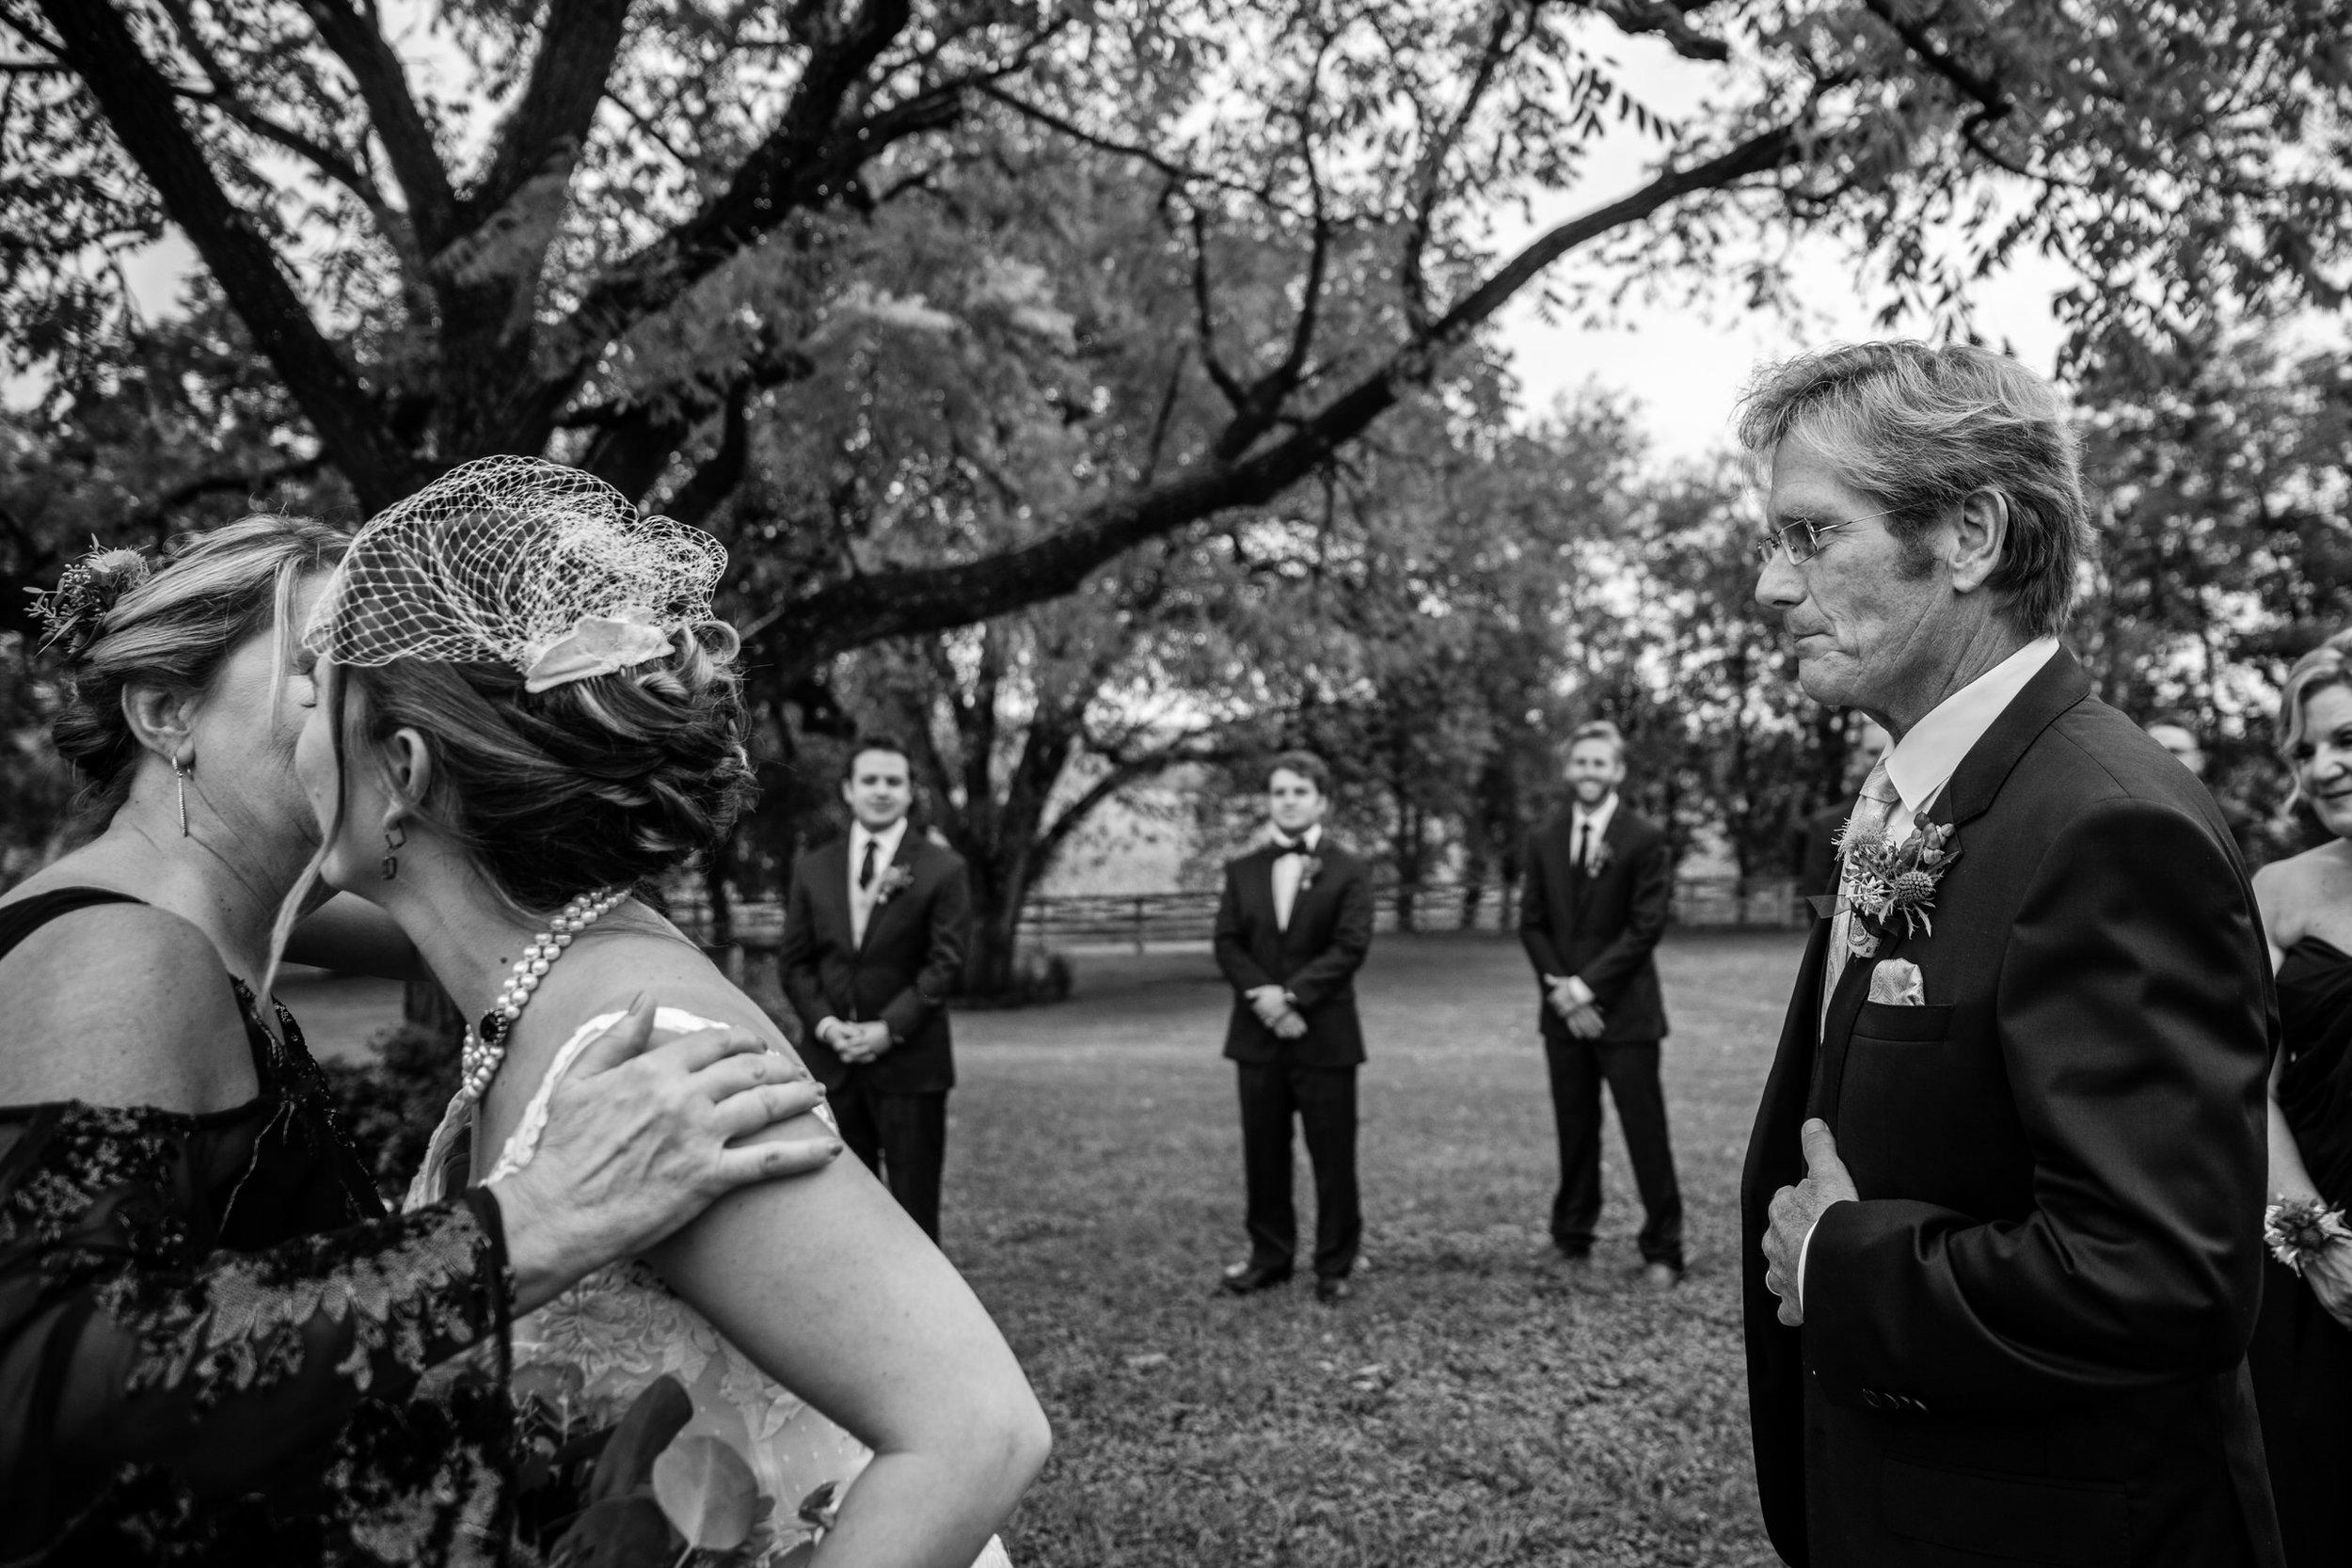 WalkersOverlookWedding-Angela&Ben-Ceremony-2.jpg